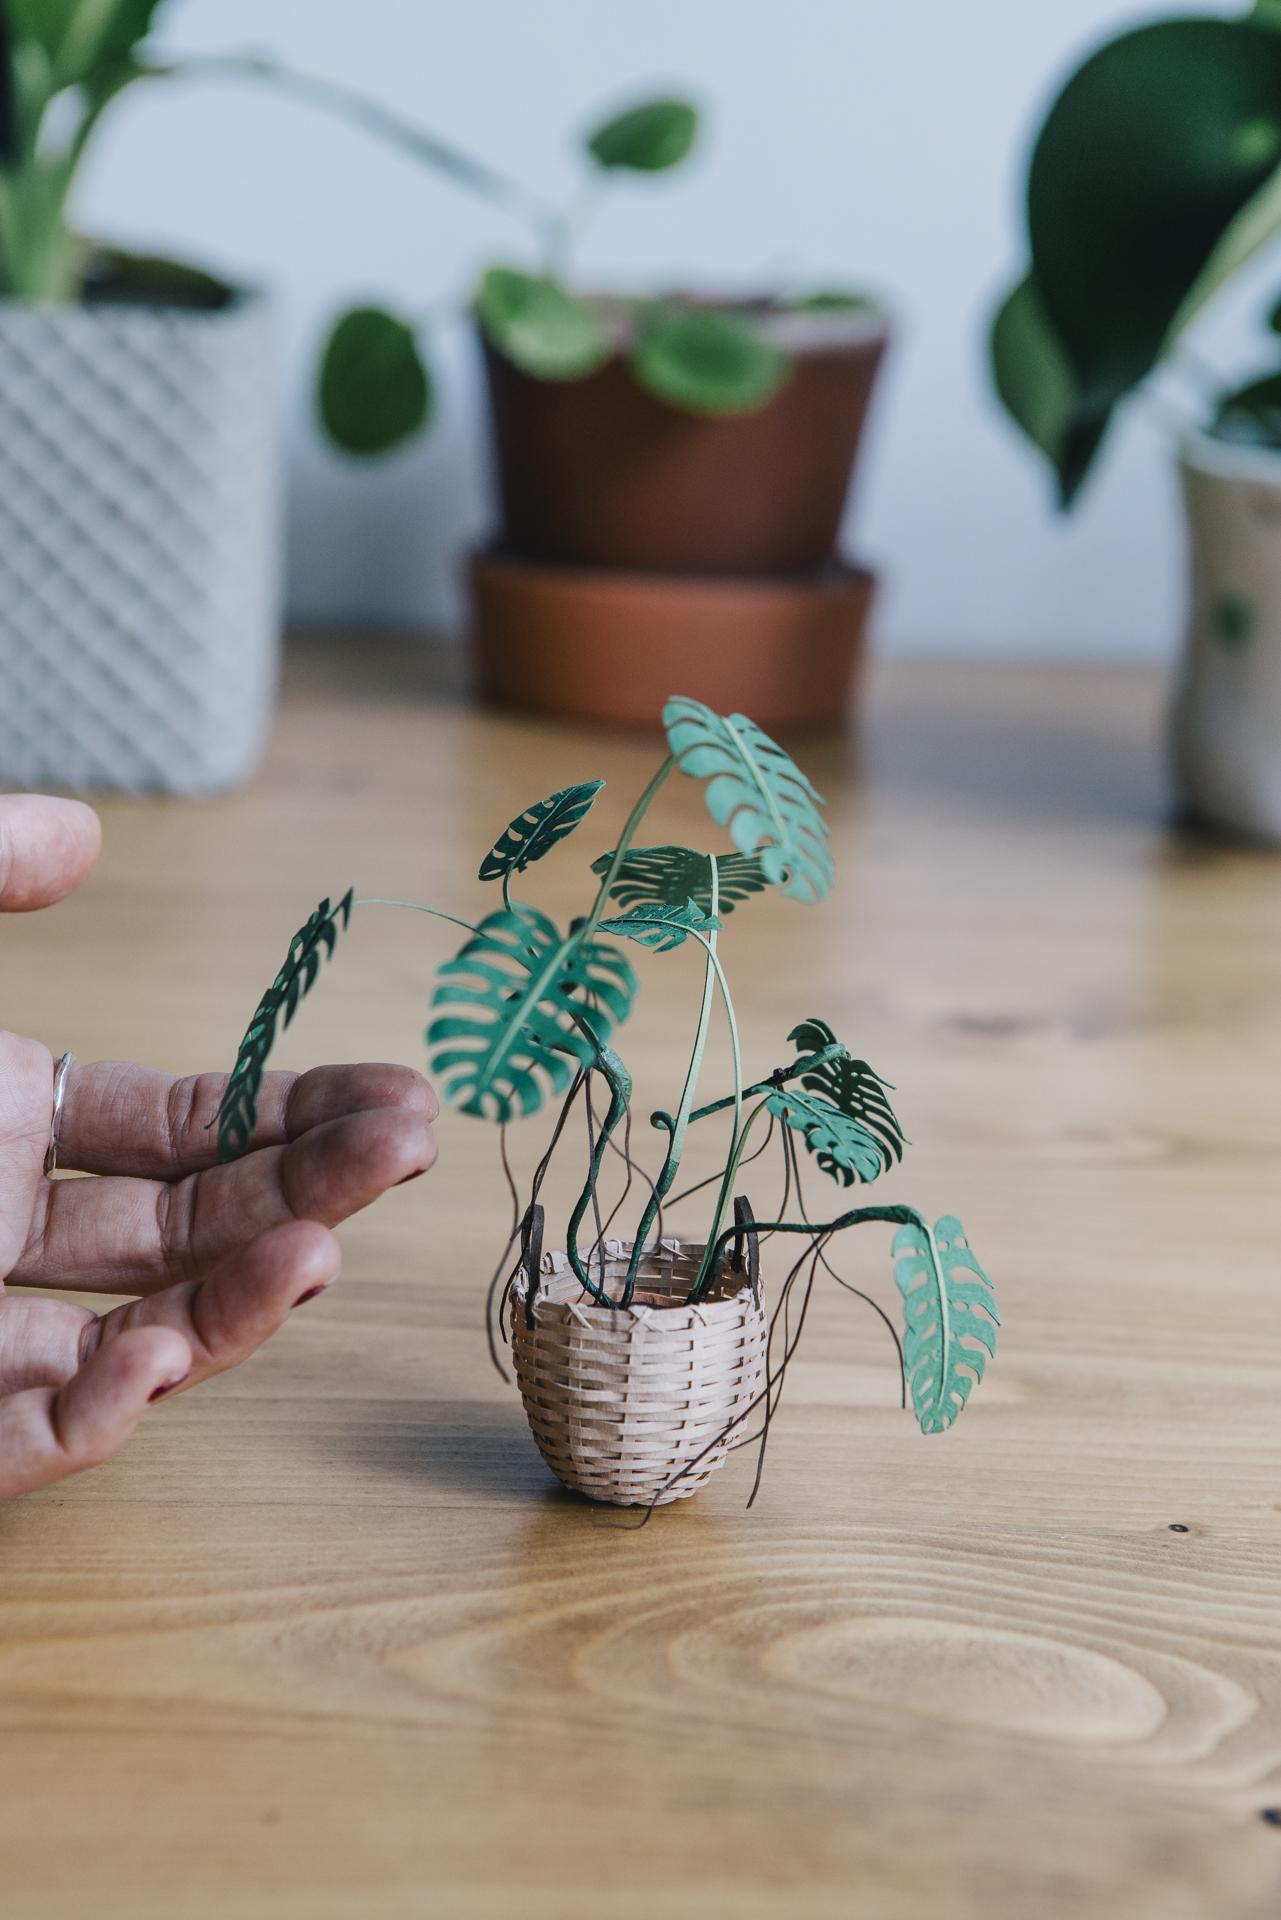 Paper plants by Raya Sader